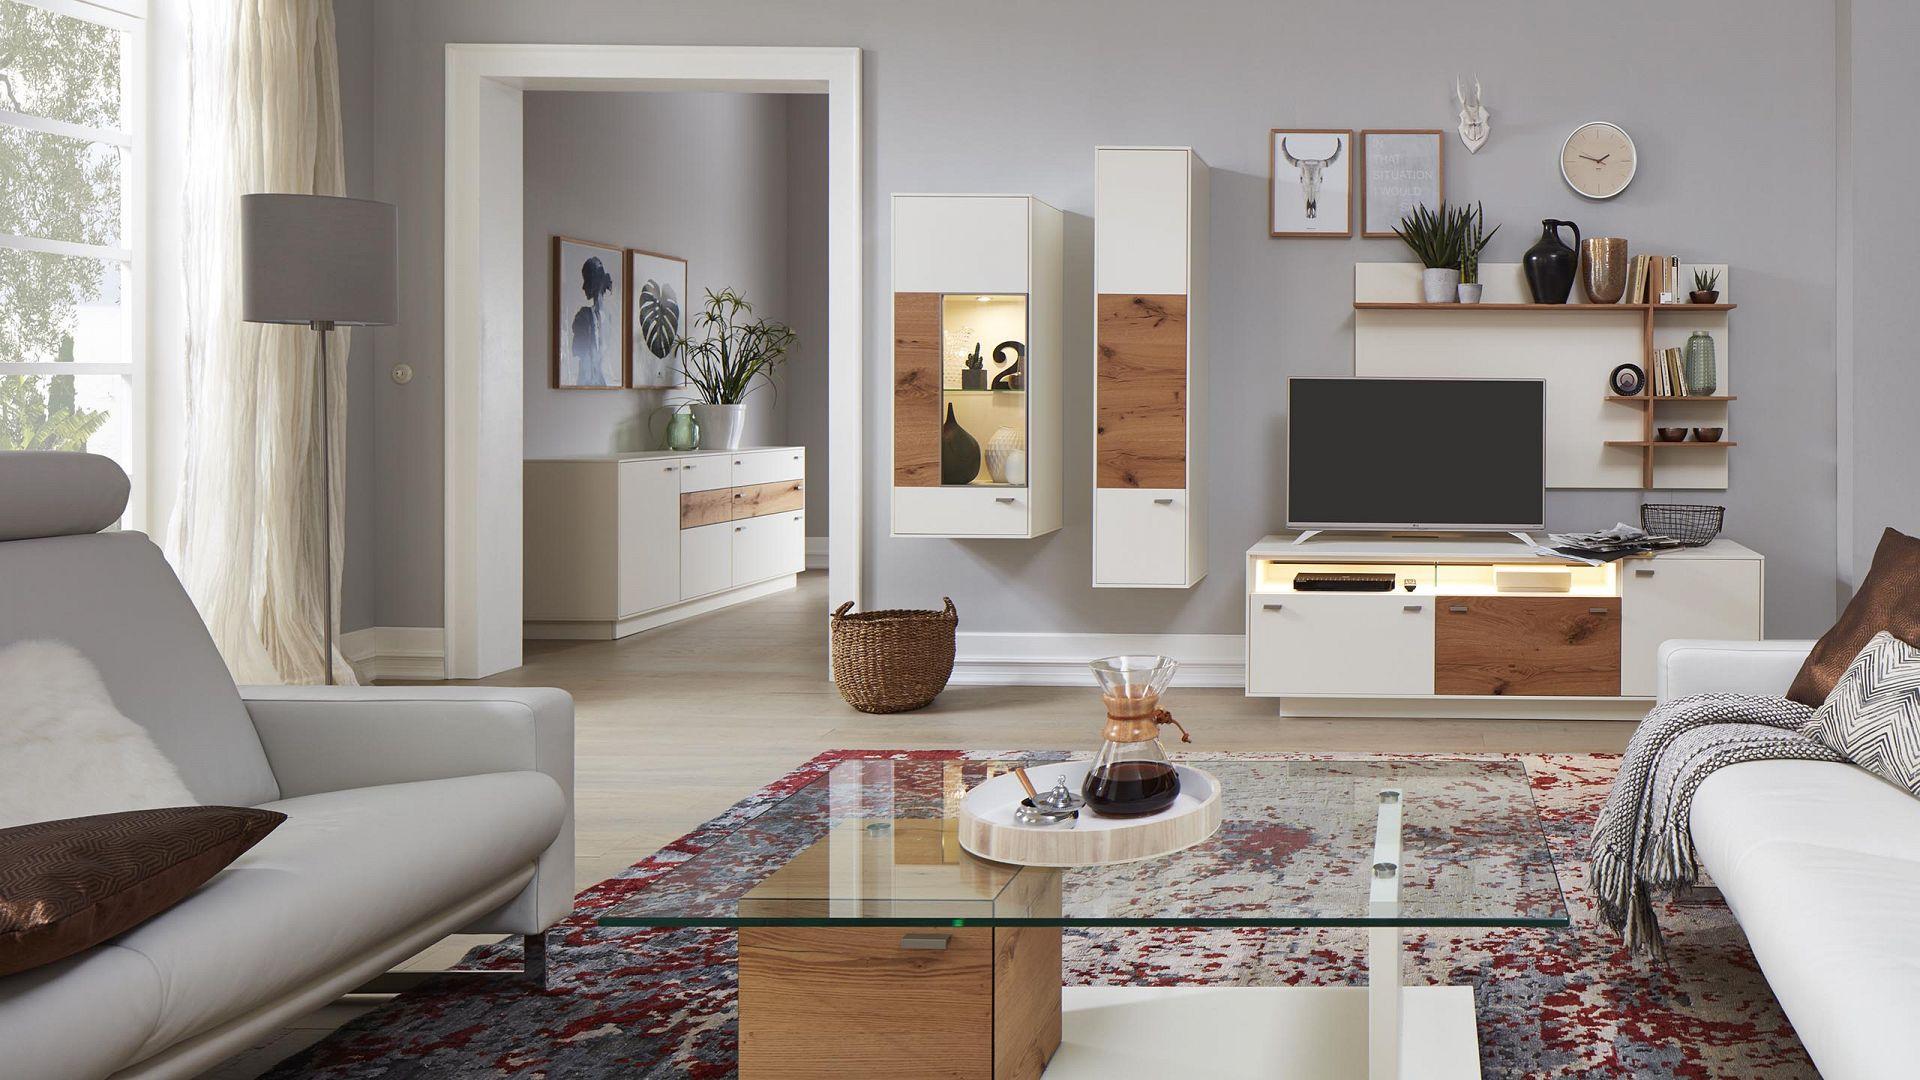 Interliving Wohnzimmer Serie 2101 Image